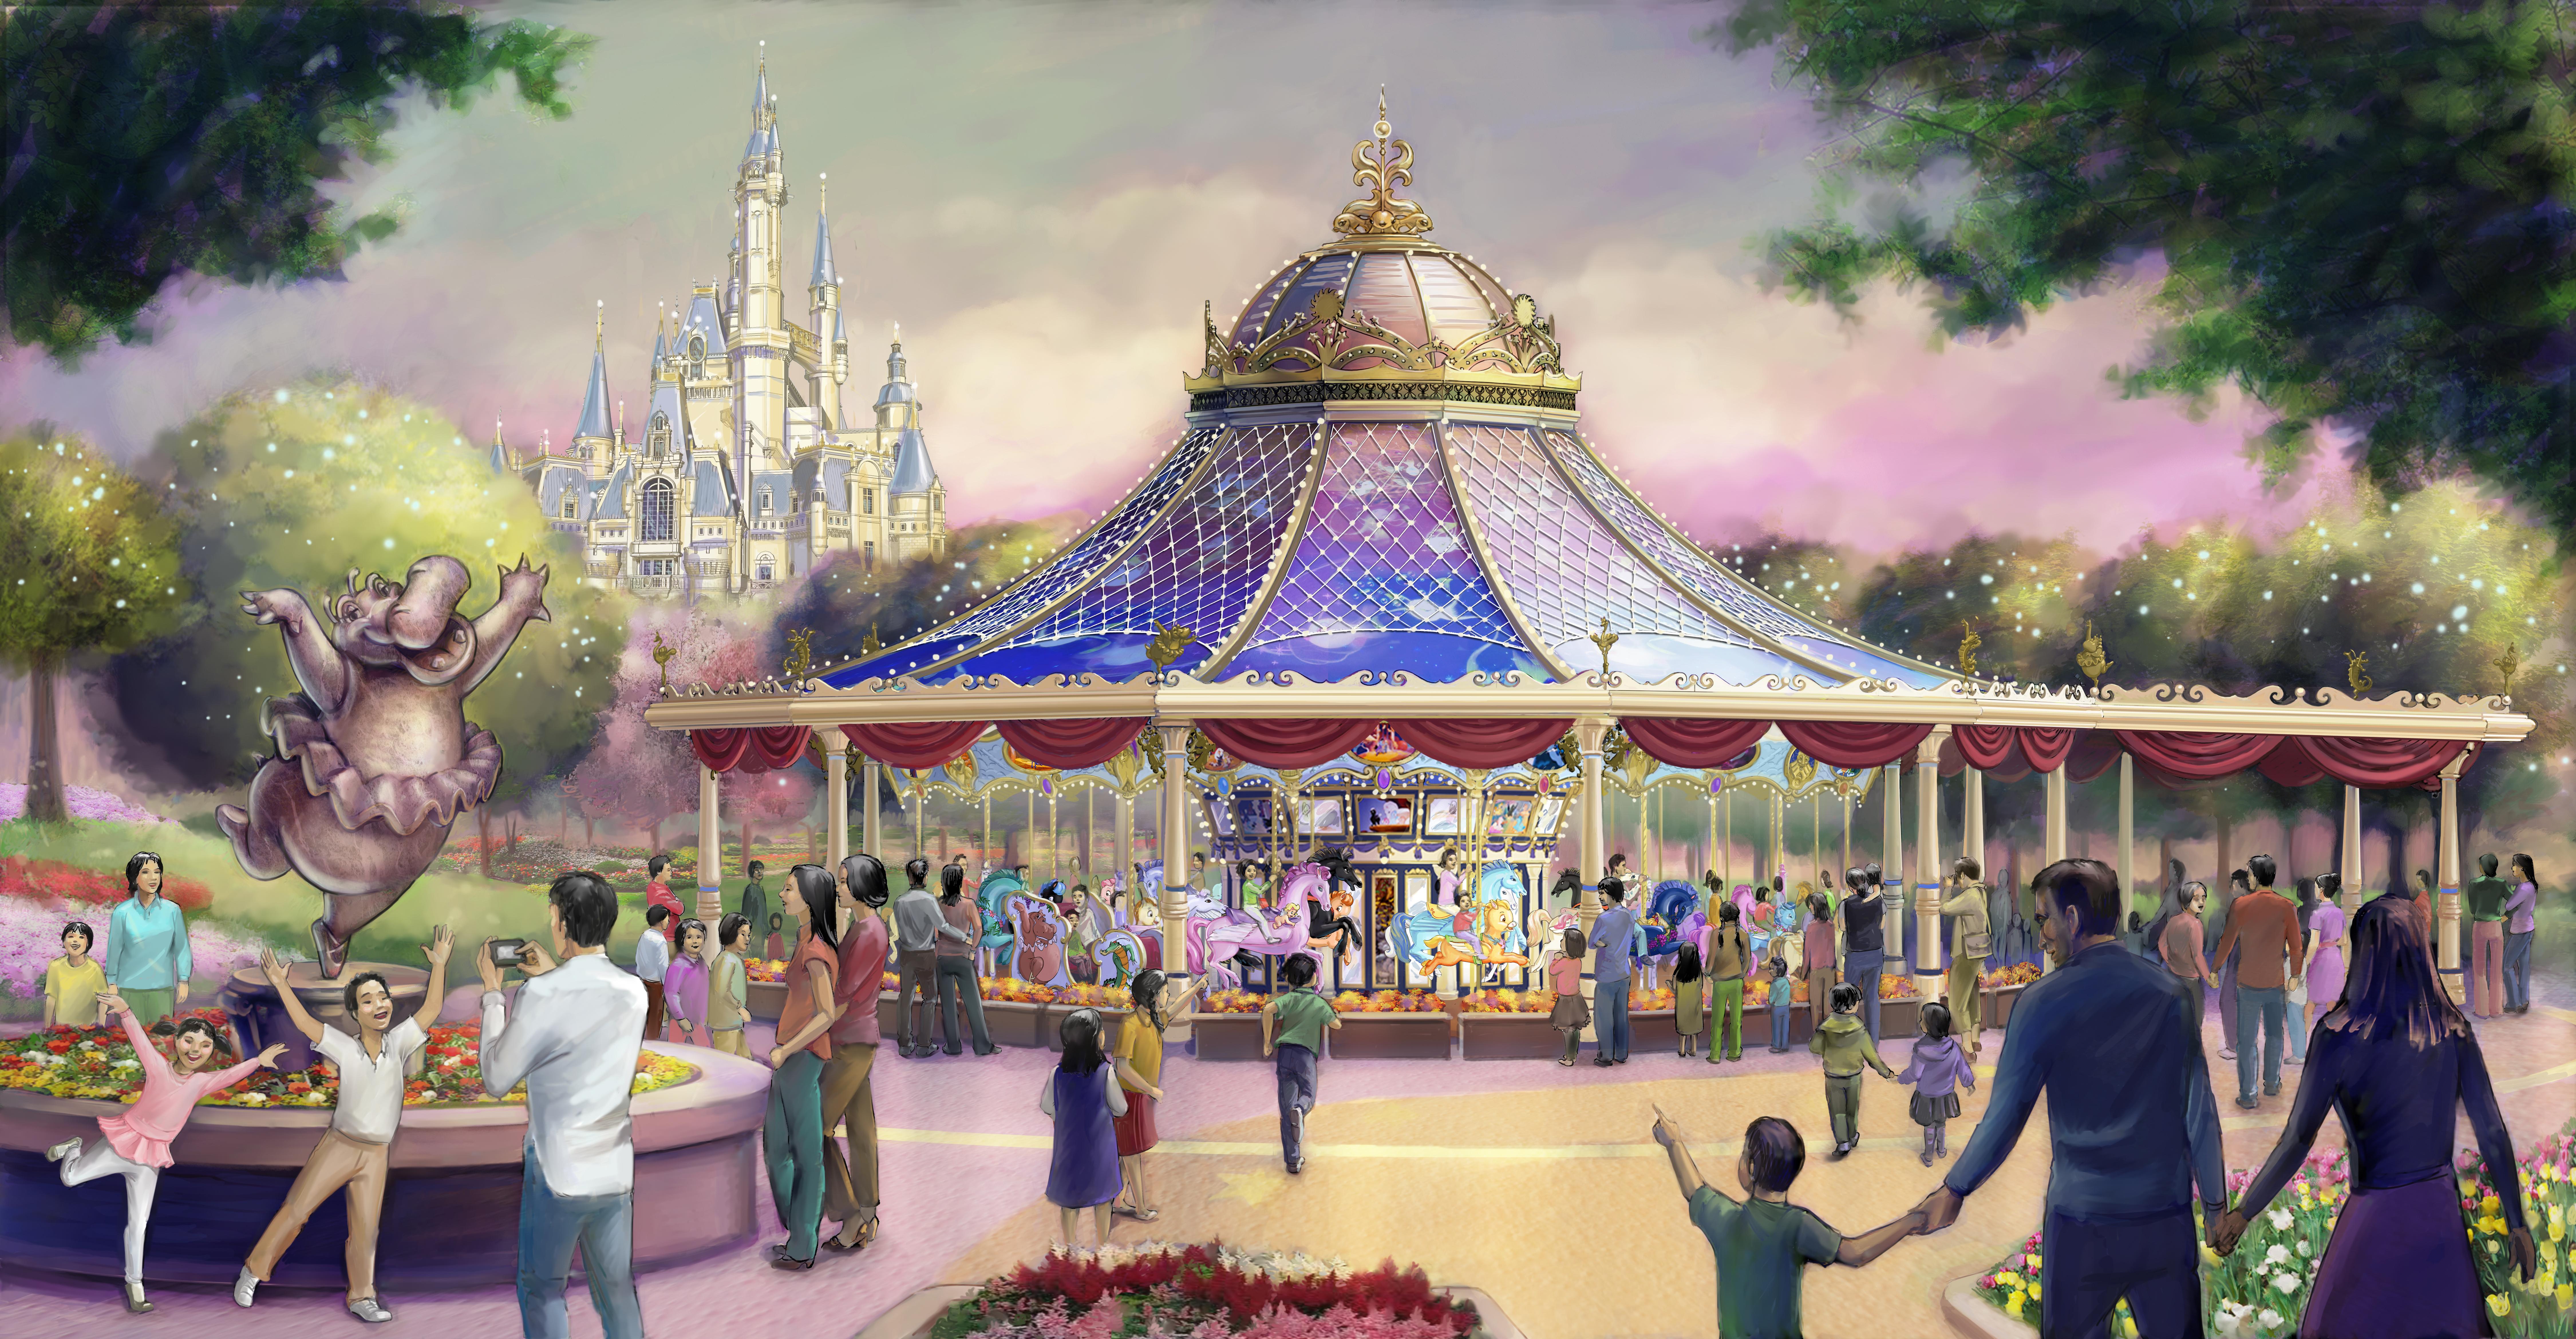 Fantasia Carousel